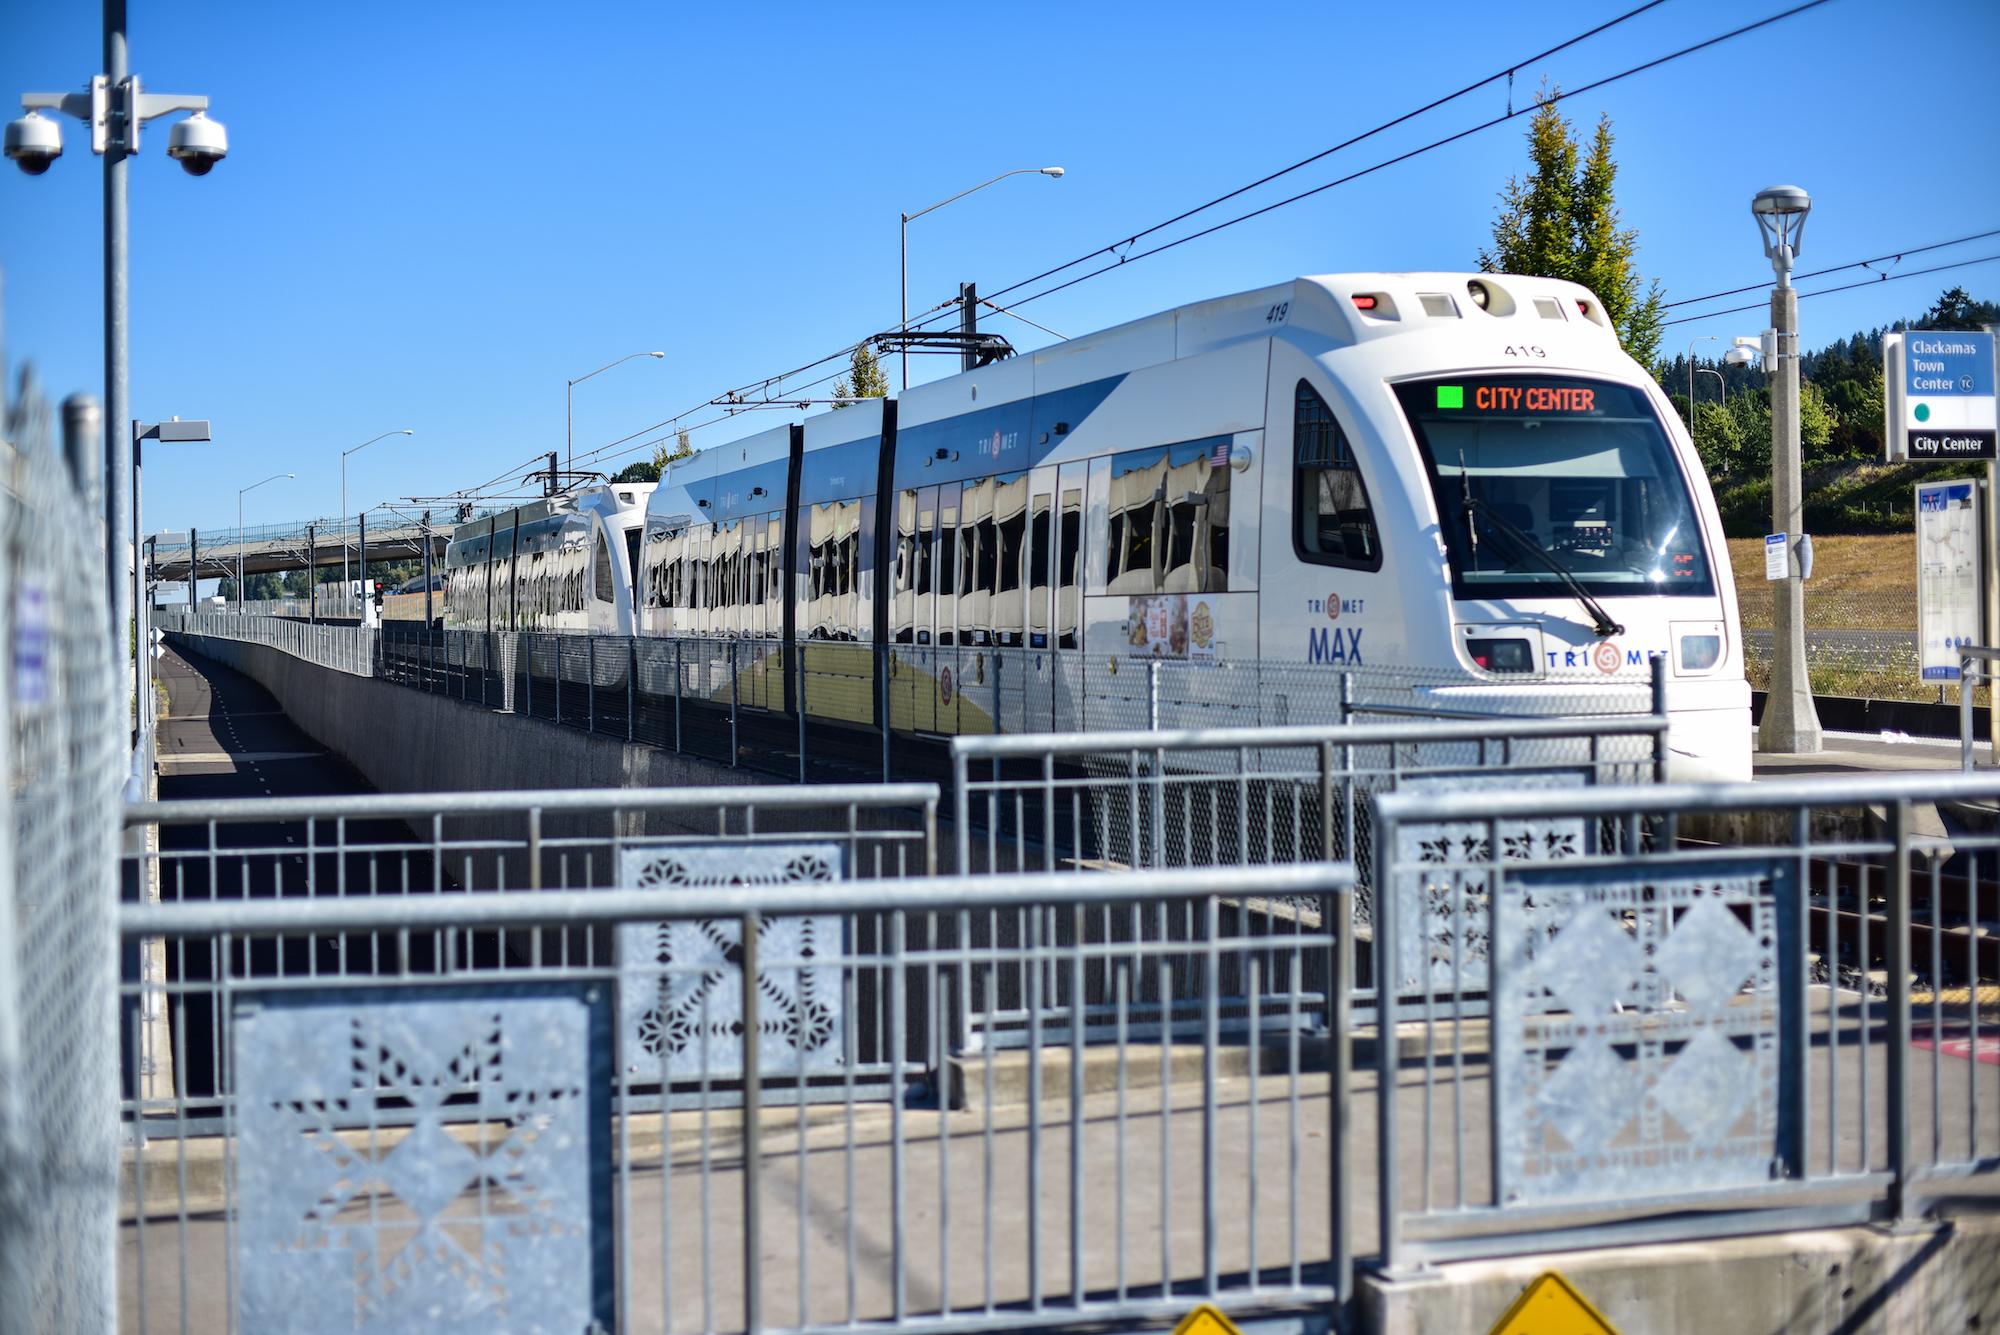 Clackamas Max Train